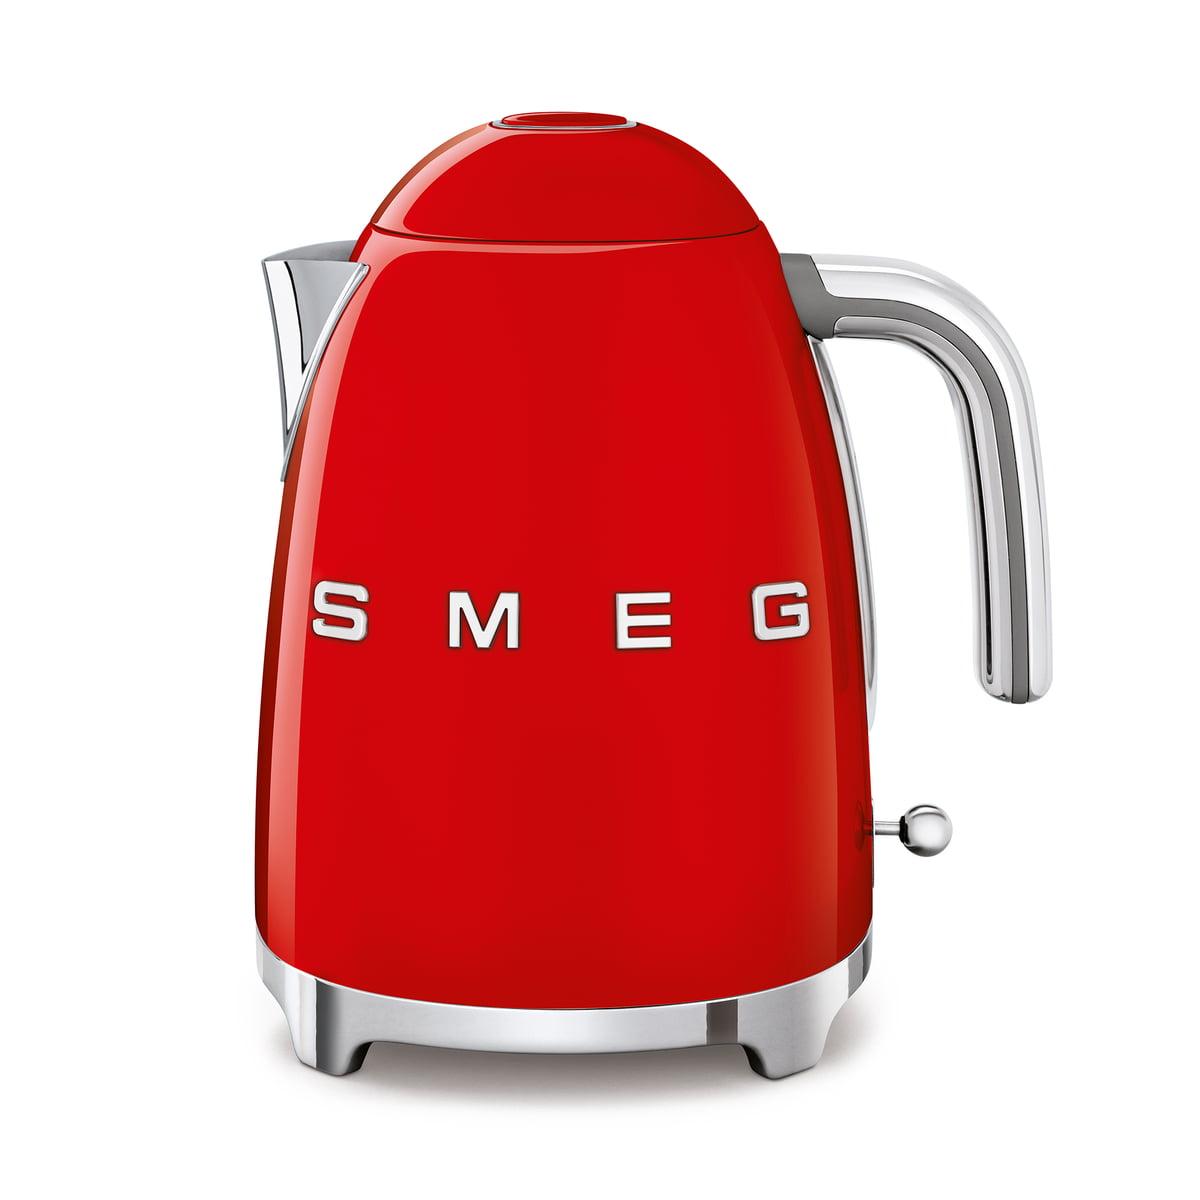 Smeg - Wasserkocher 1,7 l (KLF03), rot | Küche und Esszimmer > Küchengeräte | Rot | Edelstahl -  lackiert | Smeg